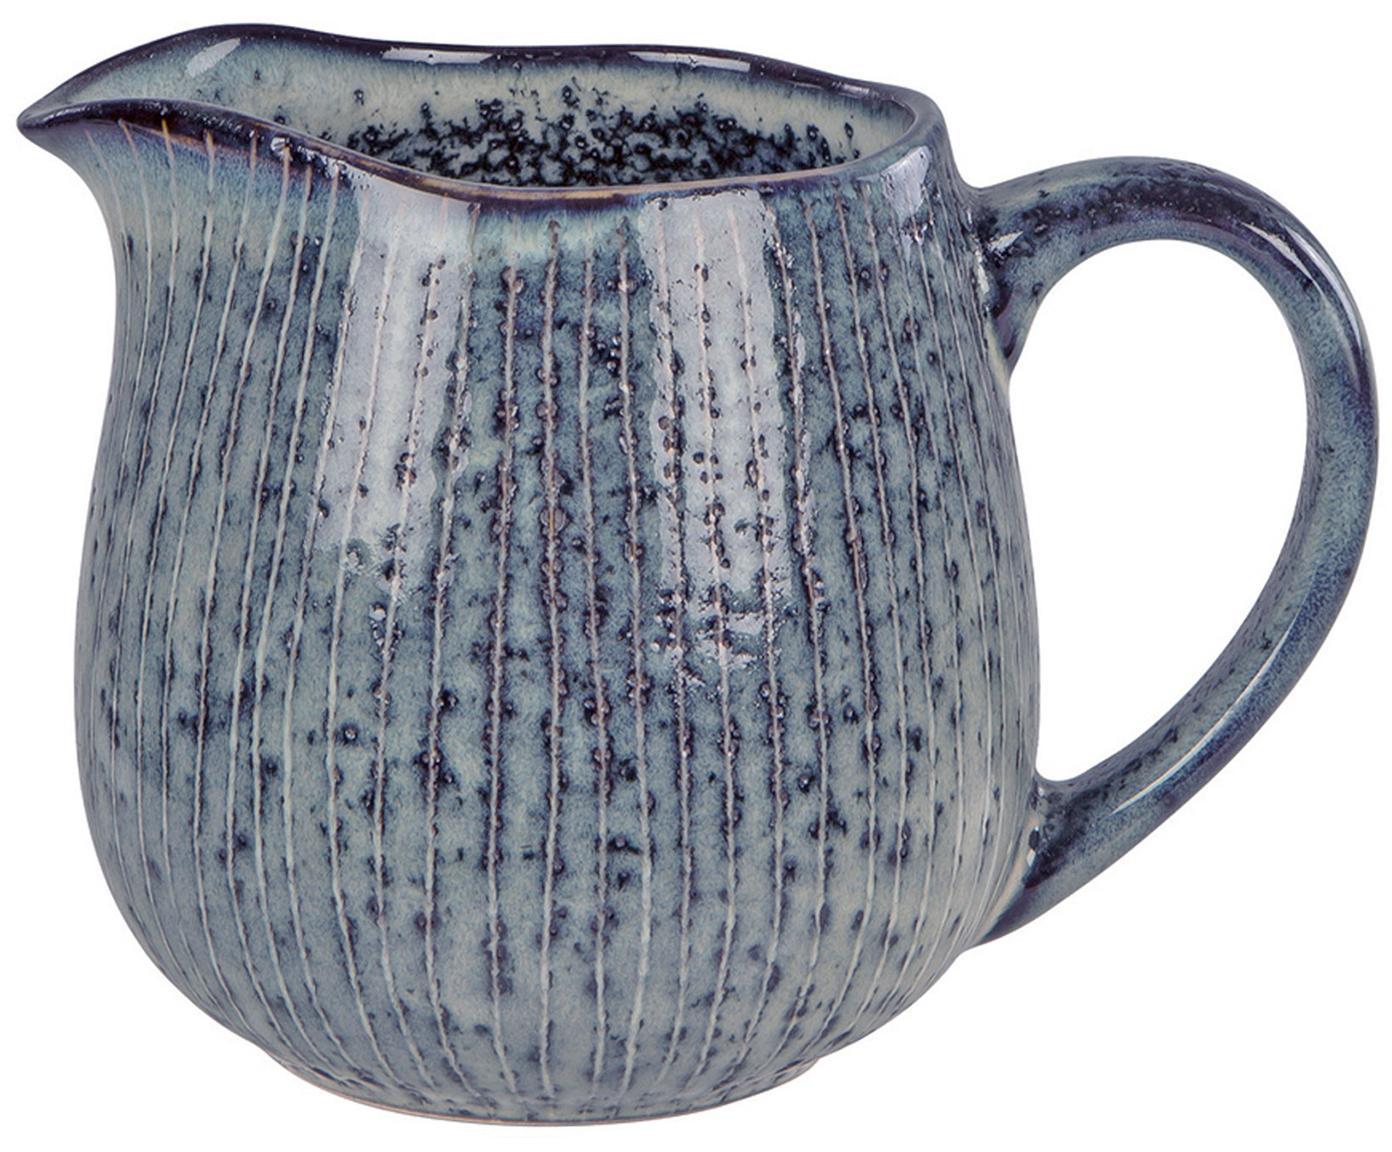 Handgemachtes Milchkännchen Nordic Sea, Steingut, Grau- und Blautöne, Ø 12 x H 9 cm